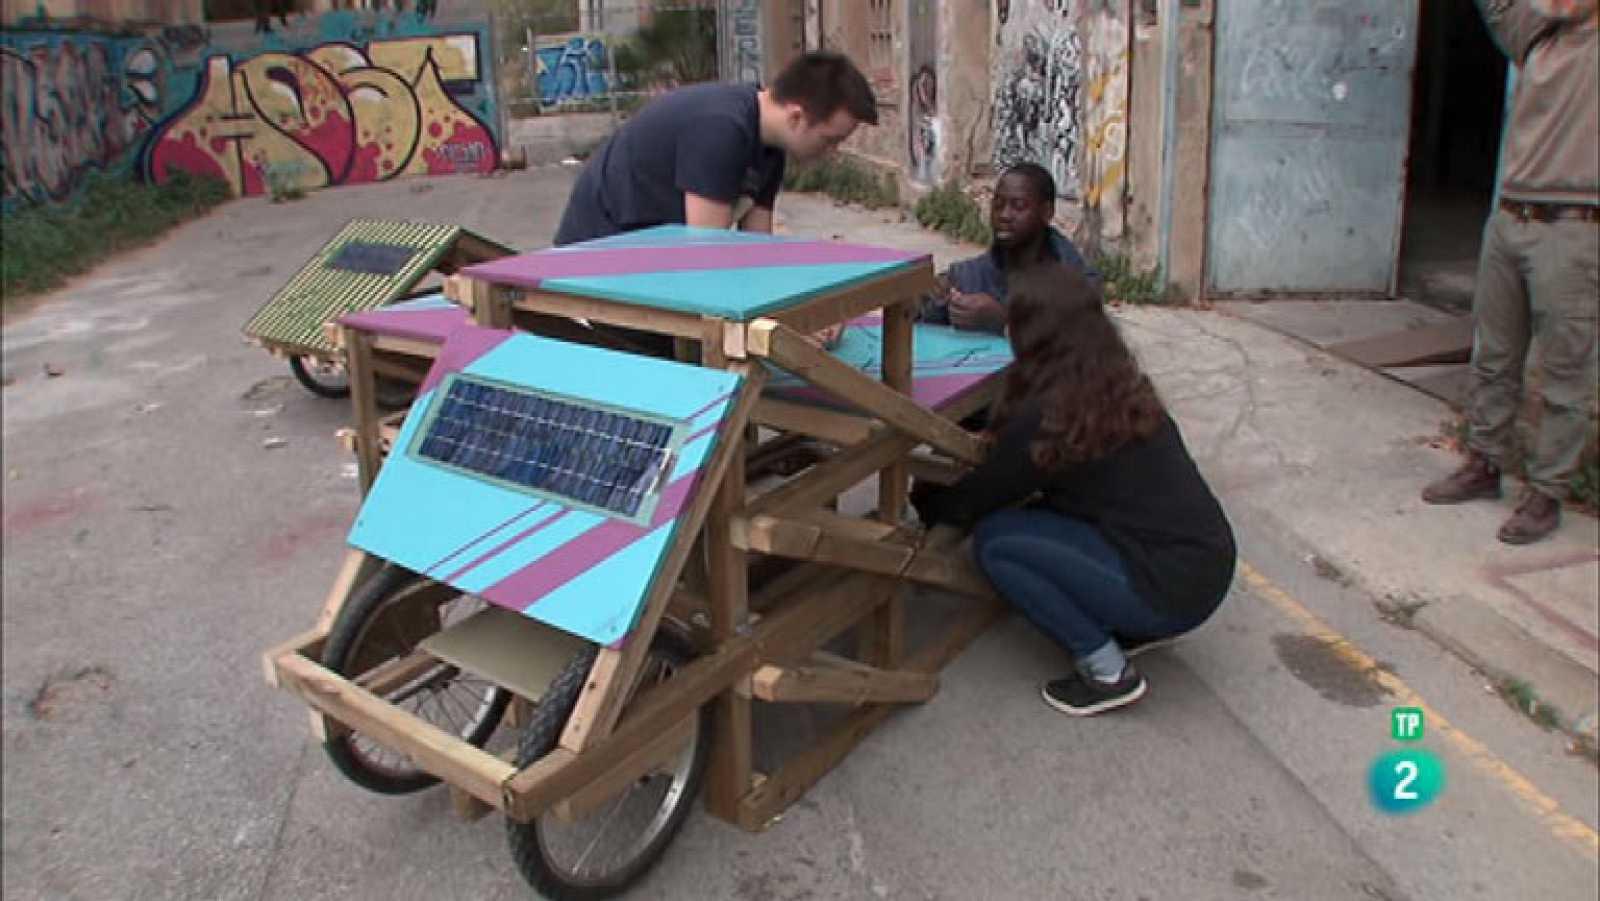 La Aventura del Saber GriGri Pixel BCN comunidad mobiliario urbano Barcelona #AventuraSaberSociedad